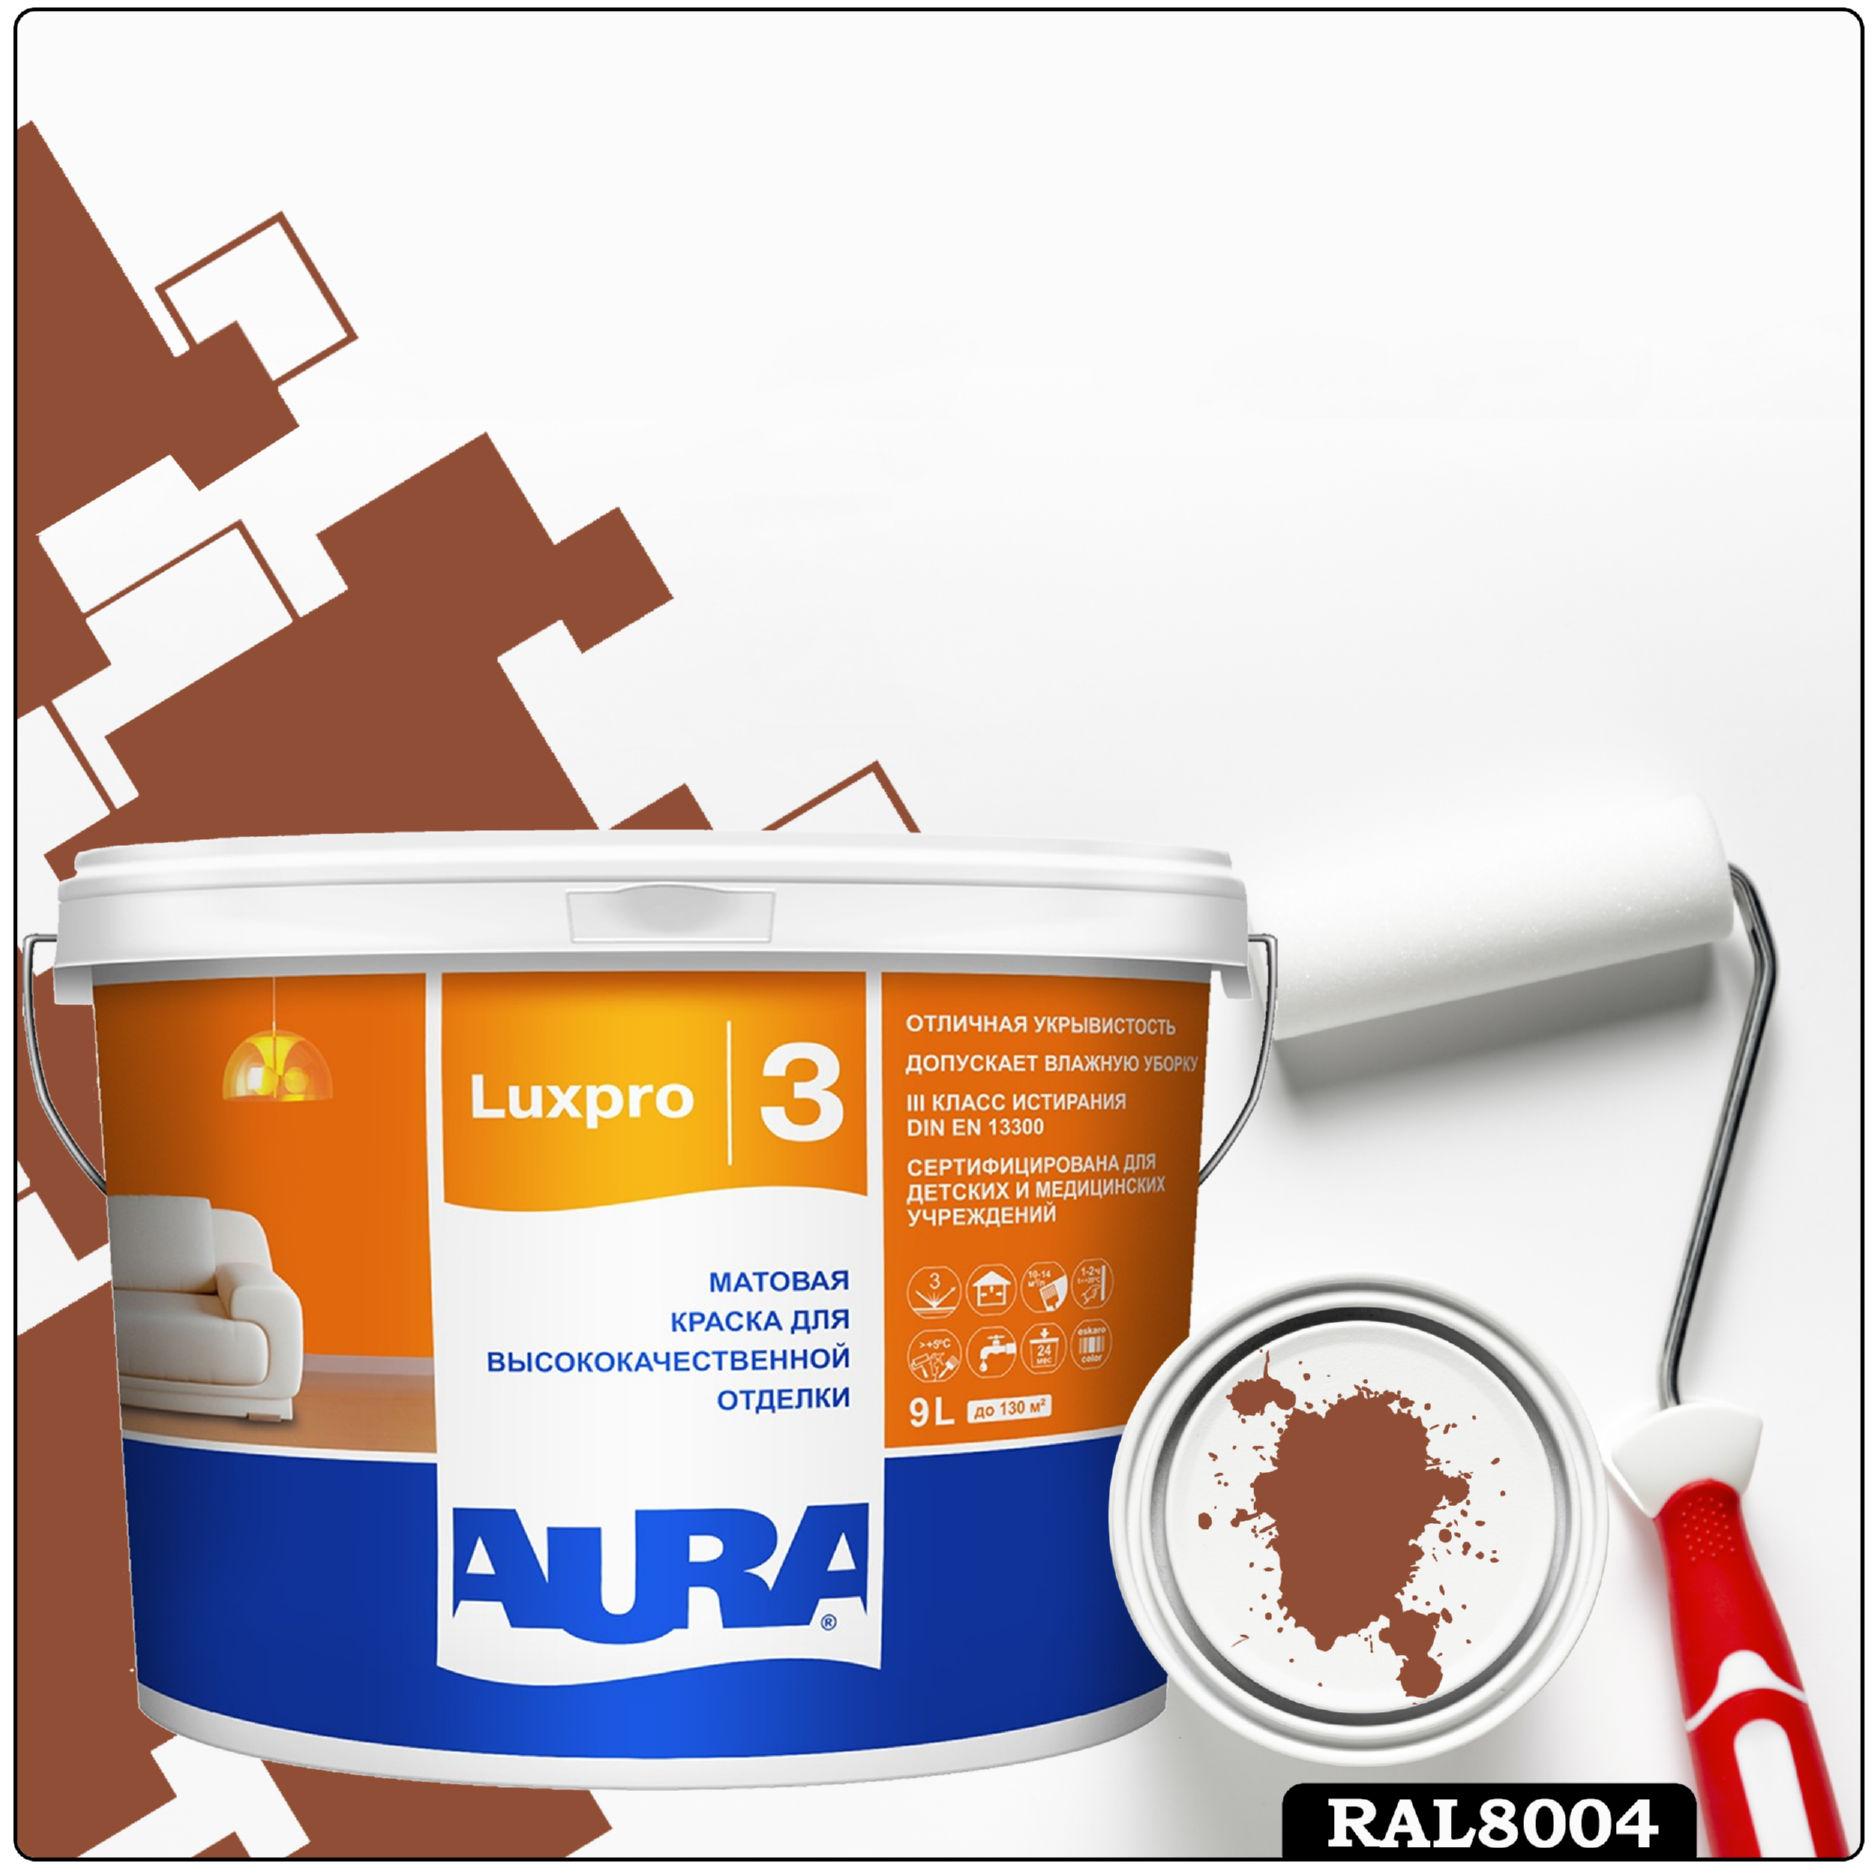 Фото 5 - Краска Aura LuxPRO 3, RAL 8004 Медно-коричневый, латексная, шелково-матовая, интерьерная, 9л, Аура.